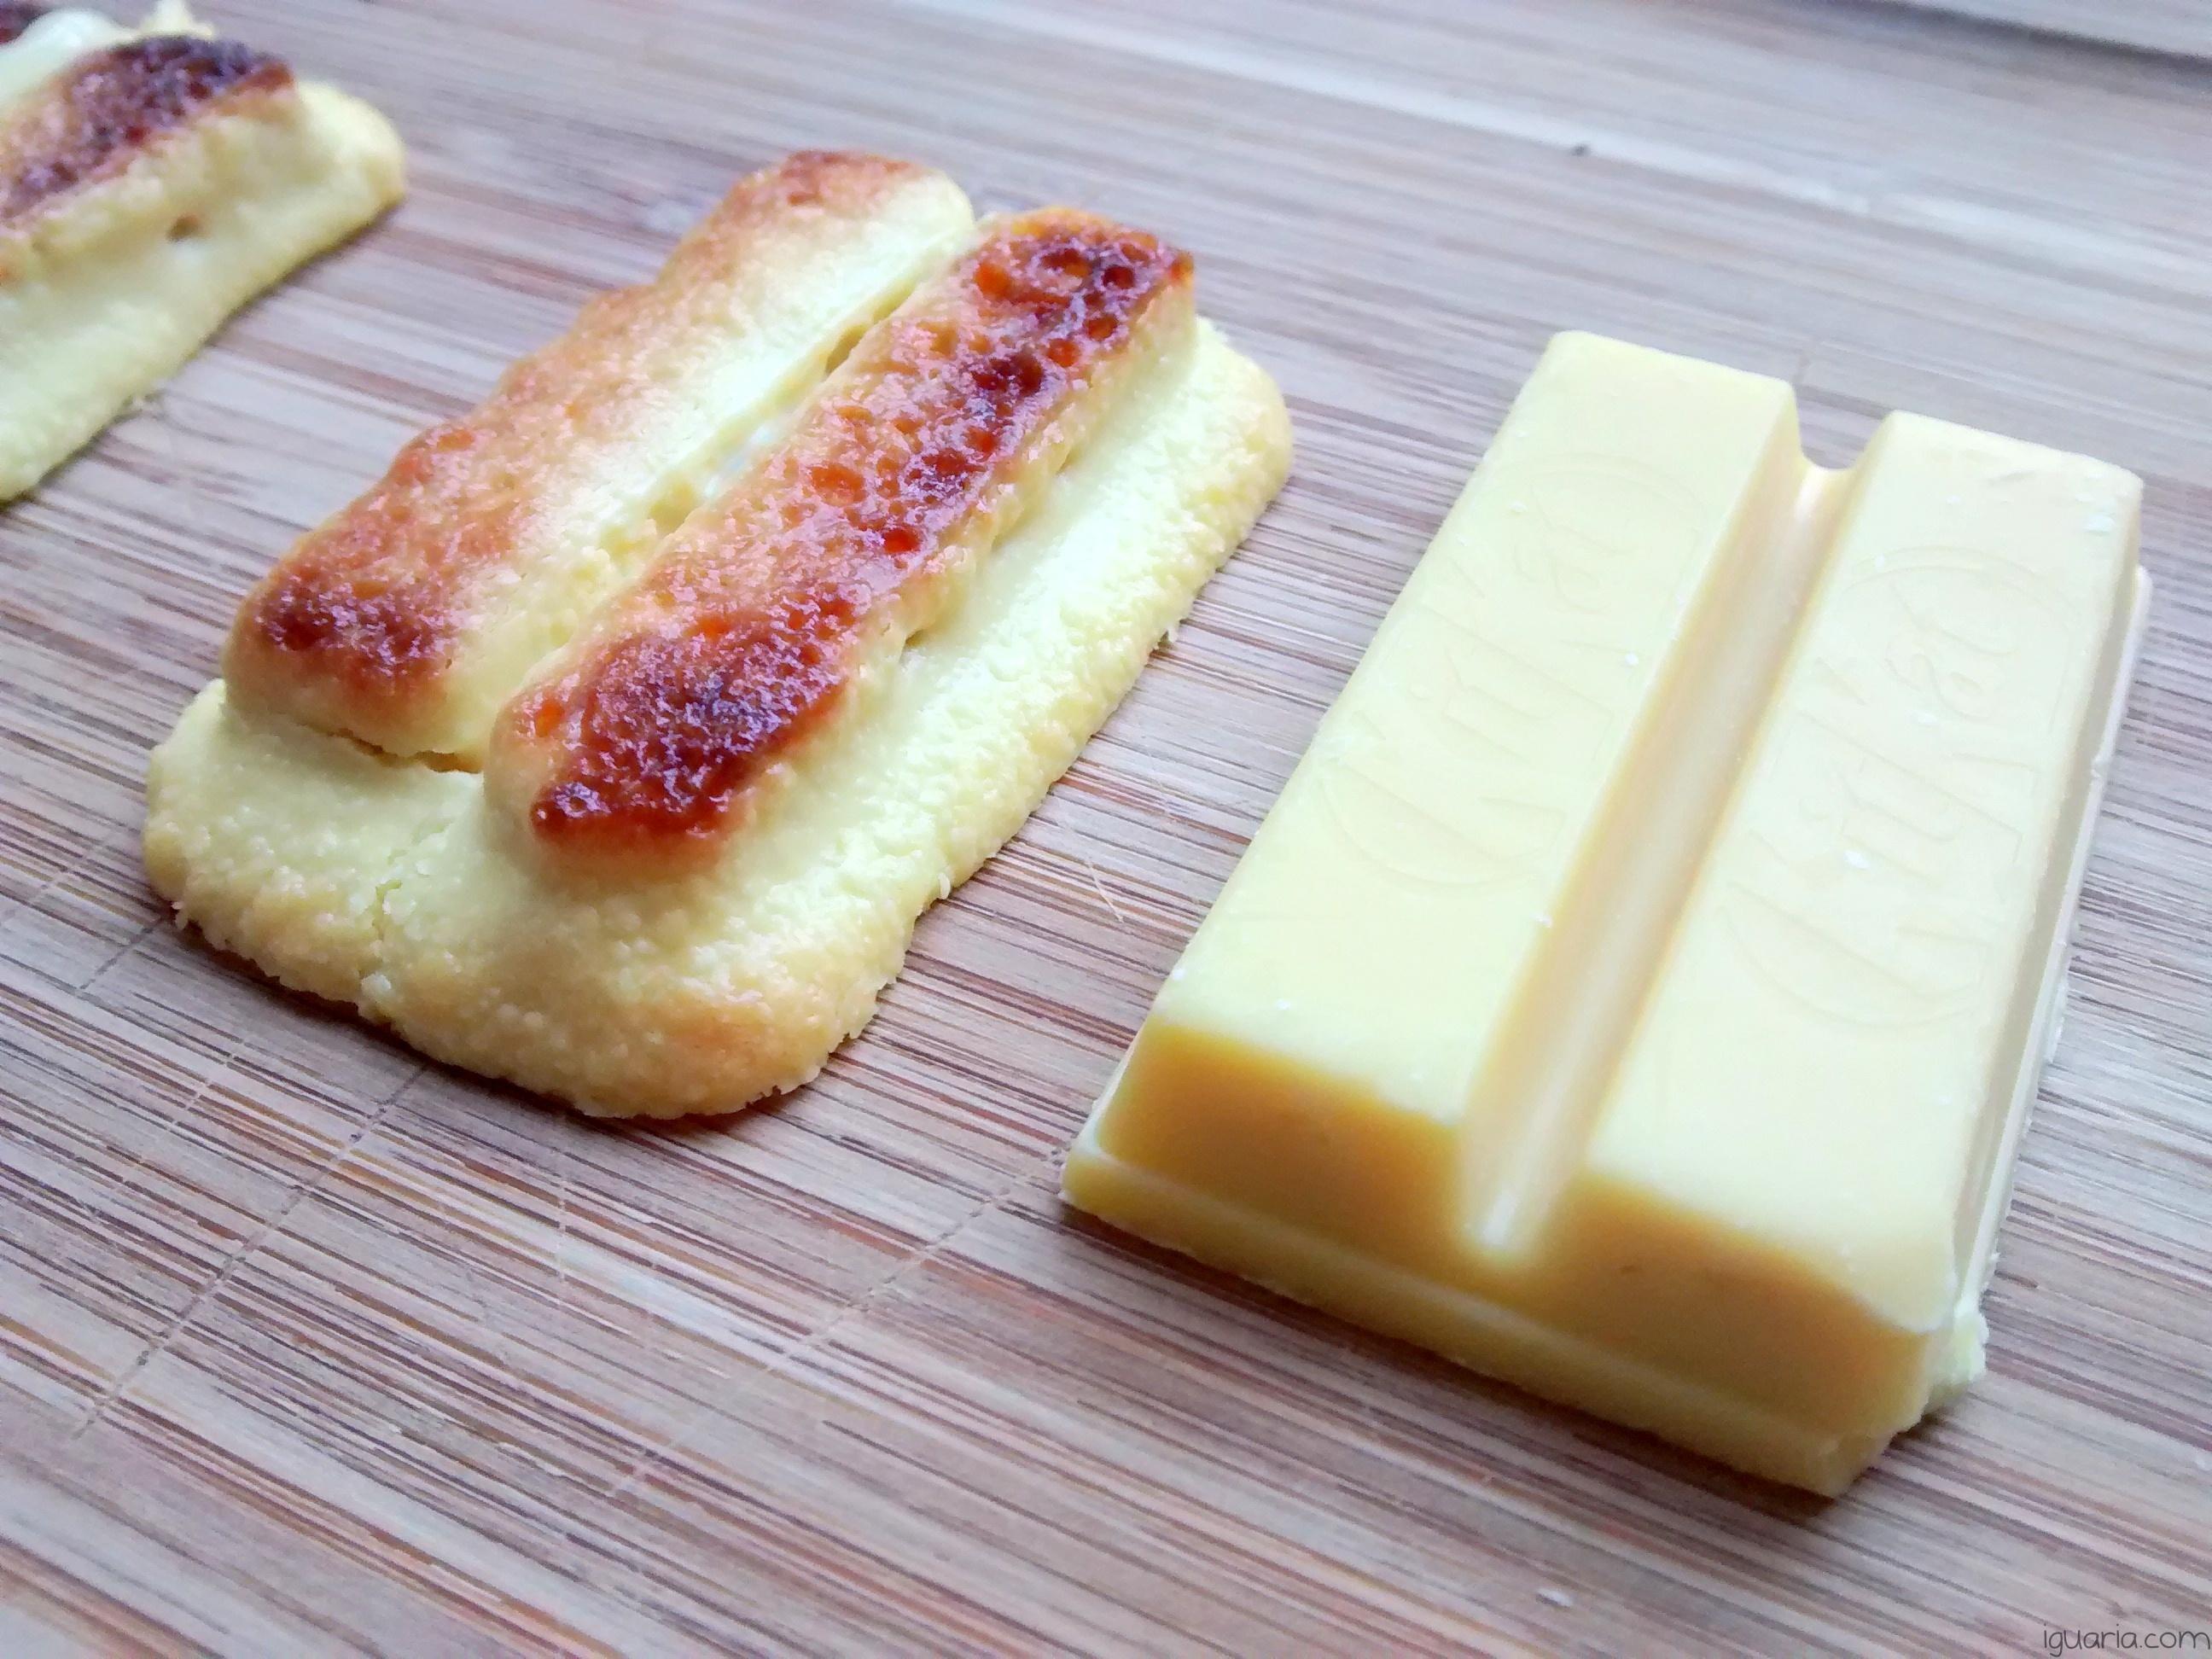 Iguaria_KitKat-Batata-Doce-Comparar